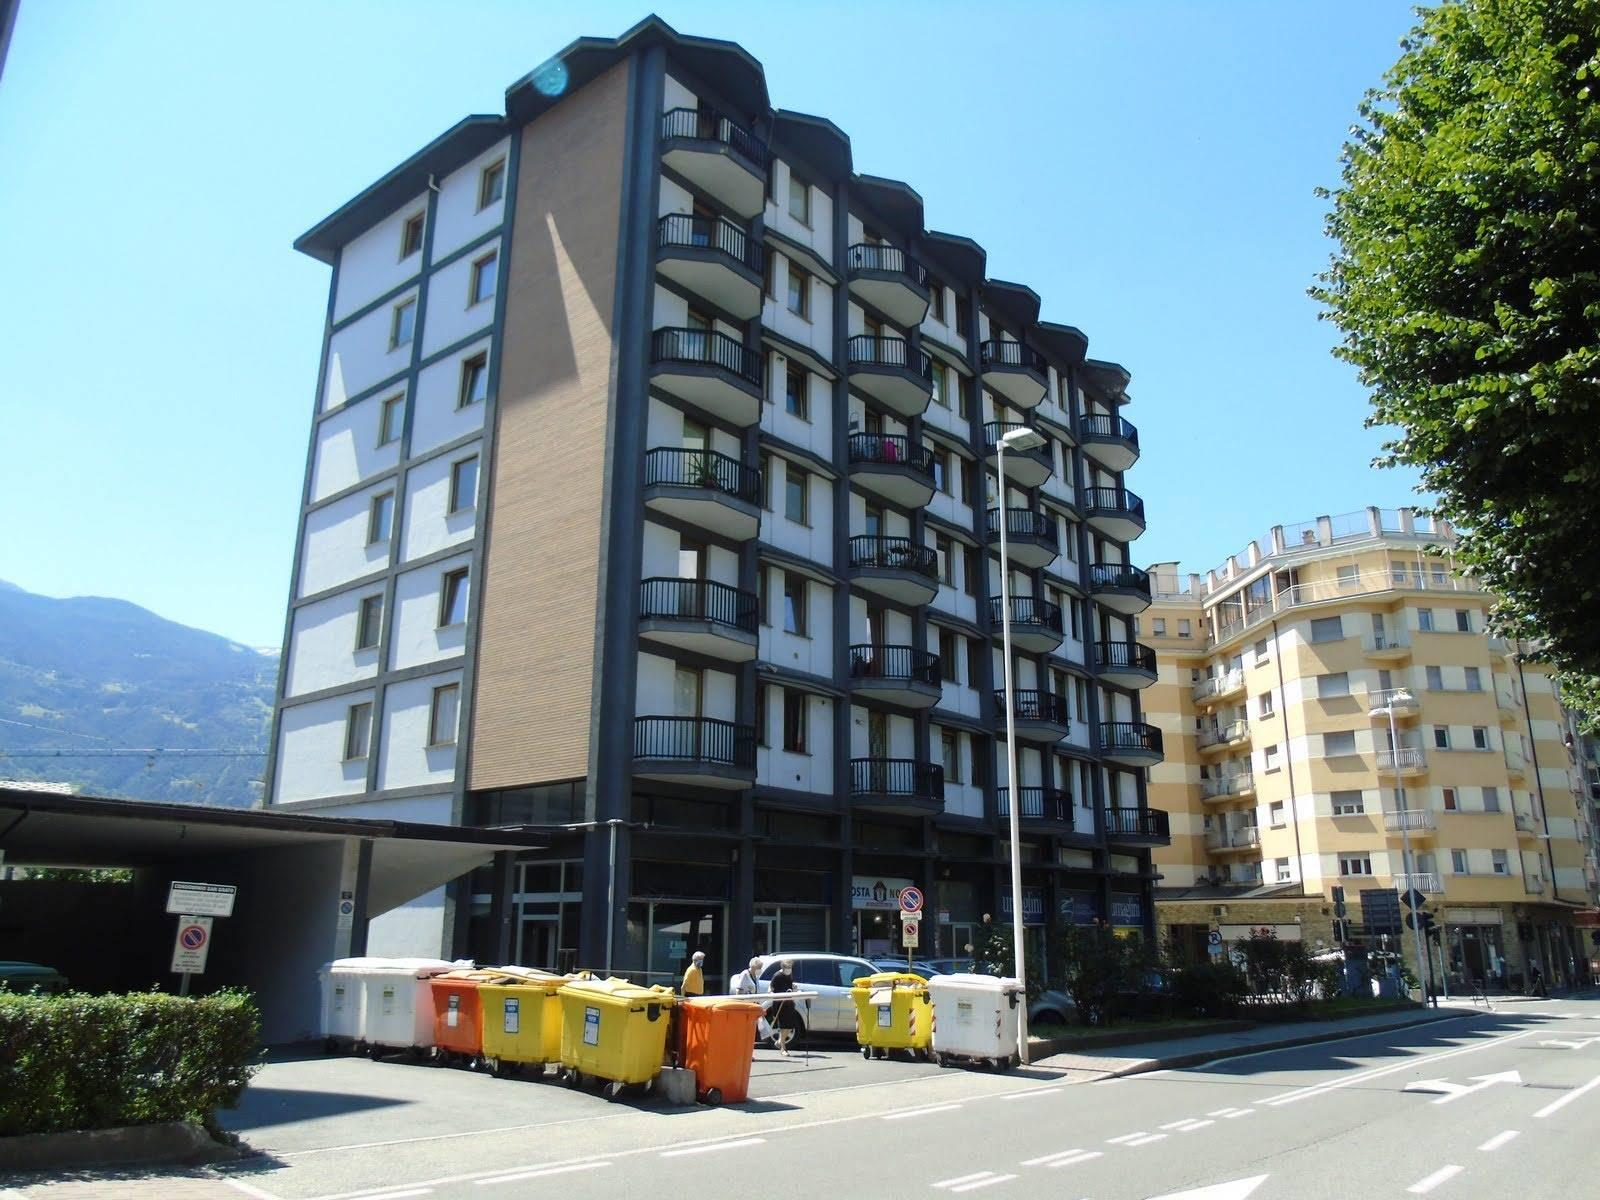 Immobile Commerciale in vendita a Aosta, 2 locali, zona Zona: Centro, prezzo € 70.000 | CambioCasa.it